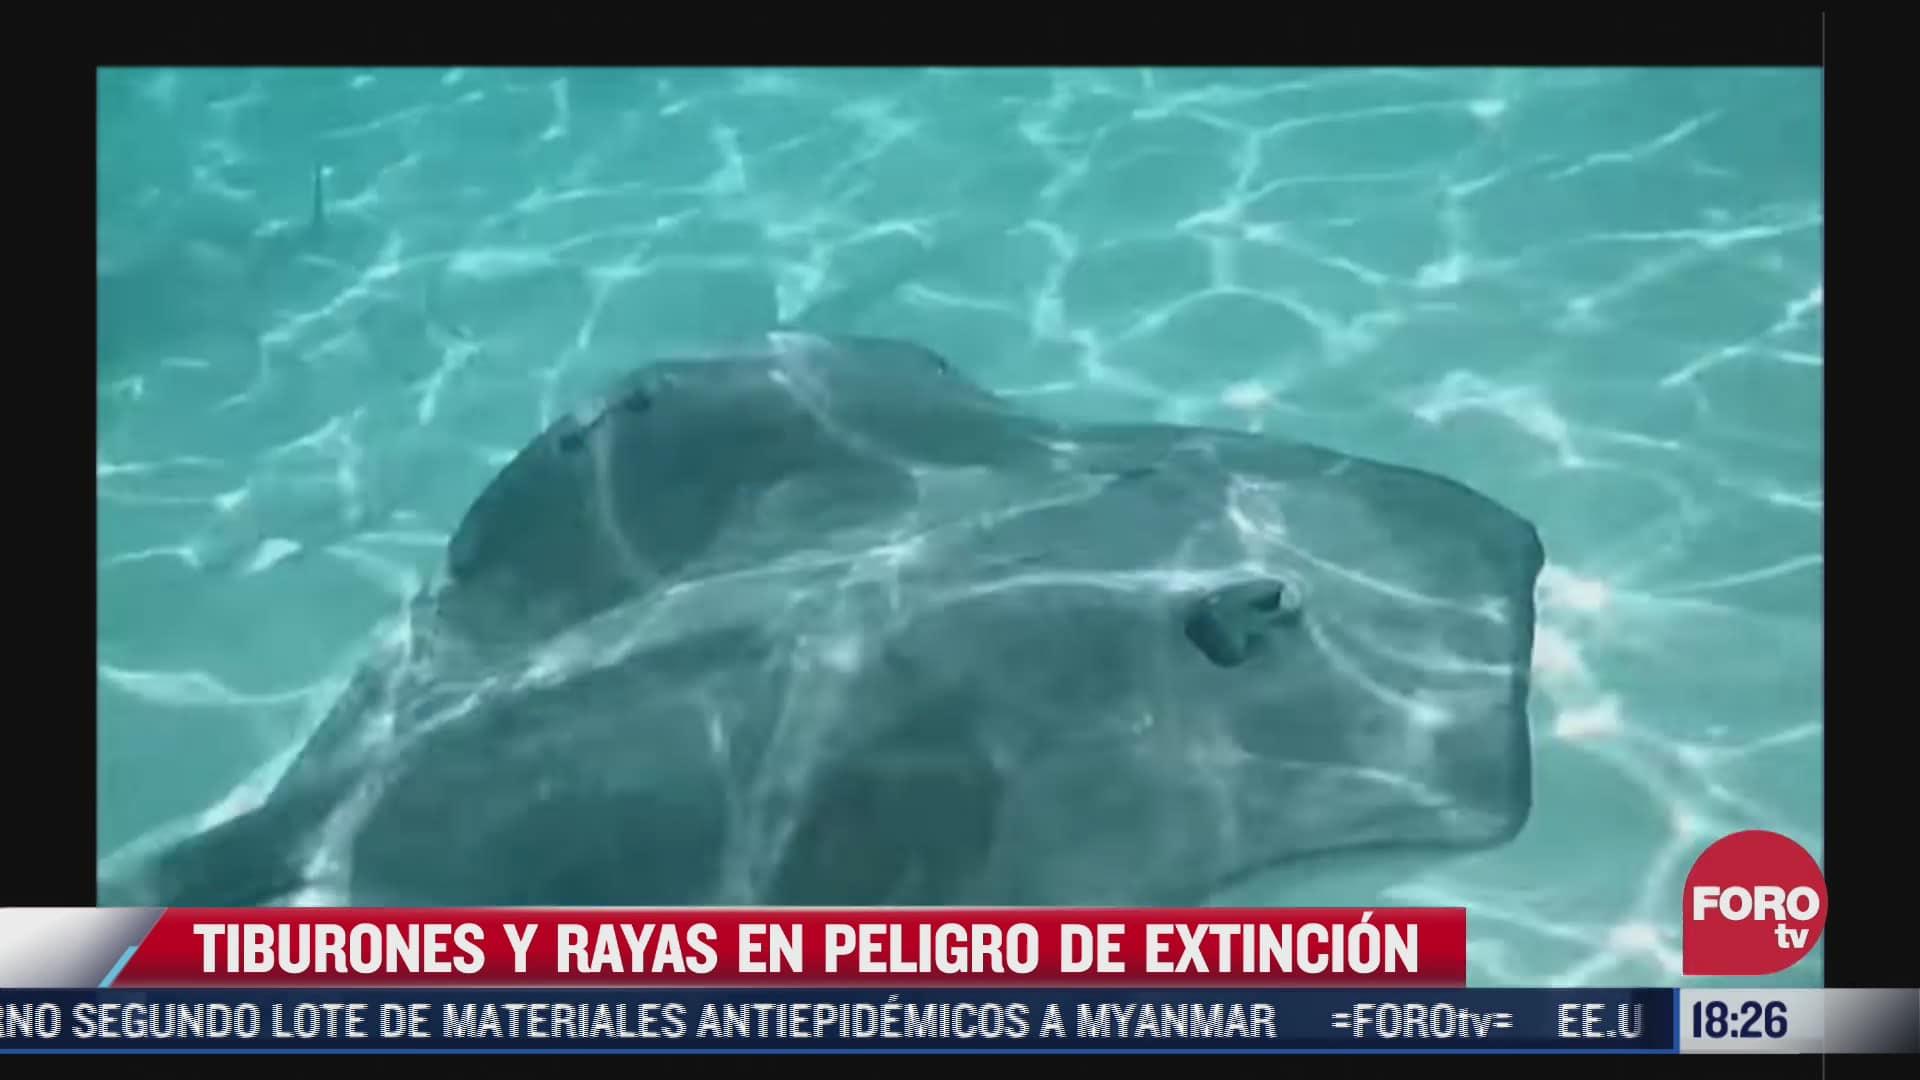 tiburones y rayas en peligro de extincion